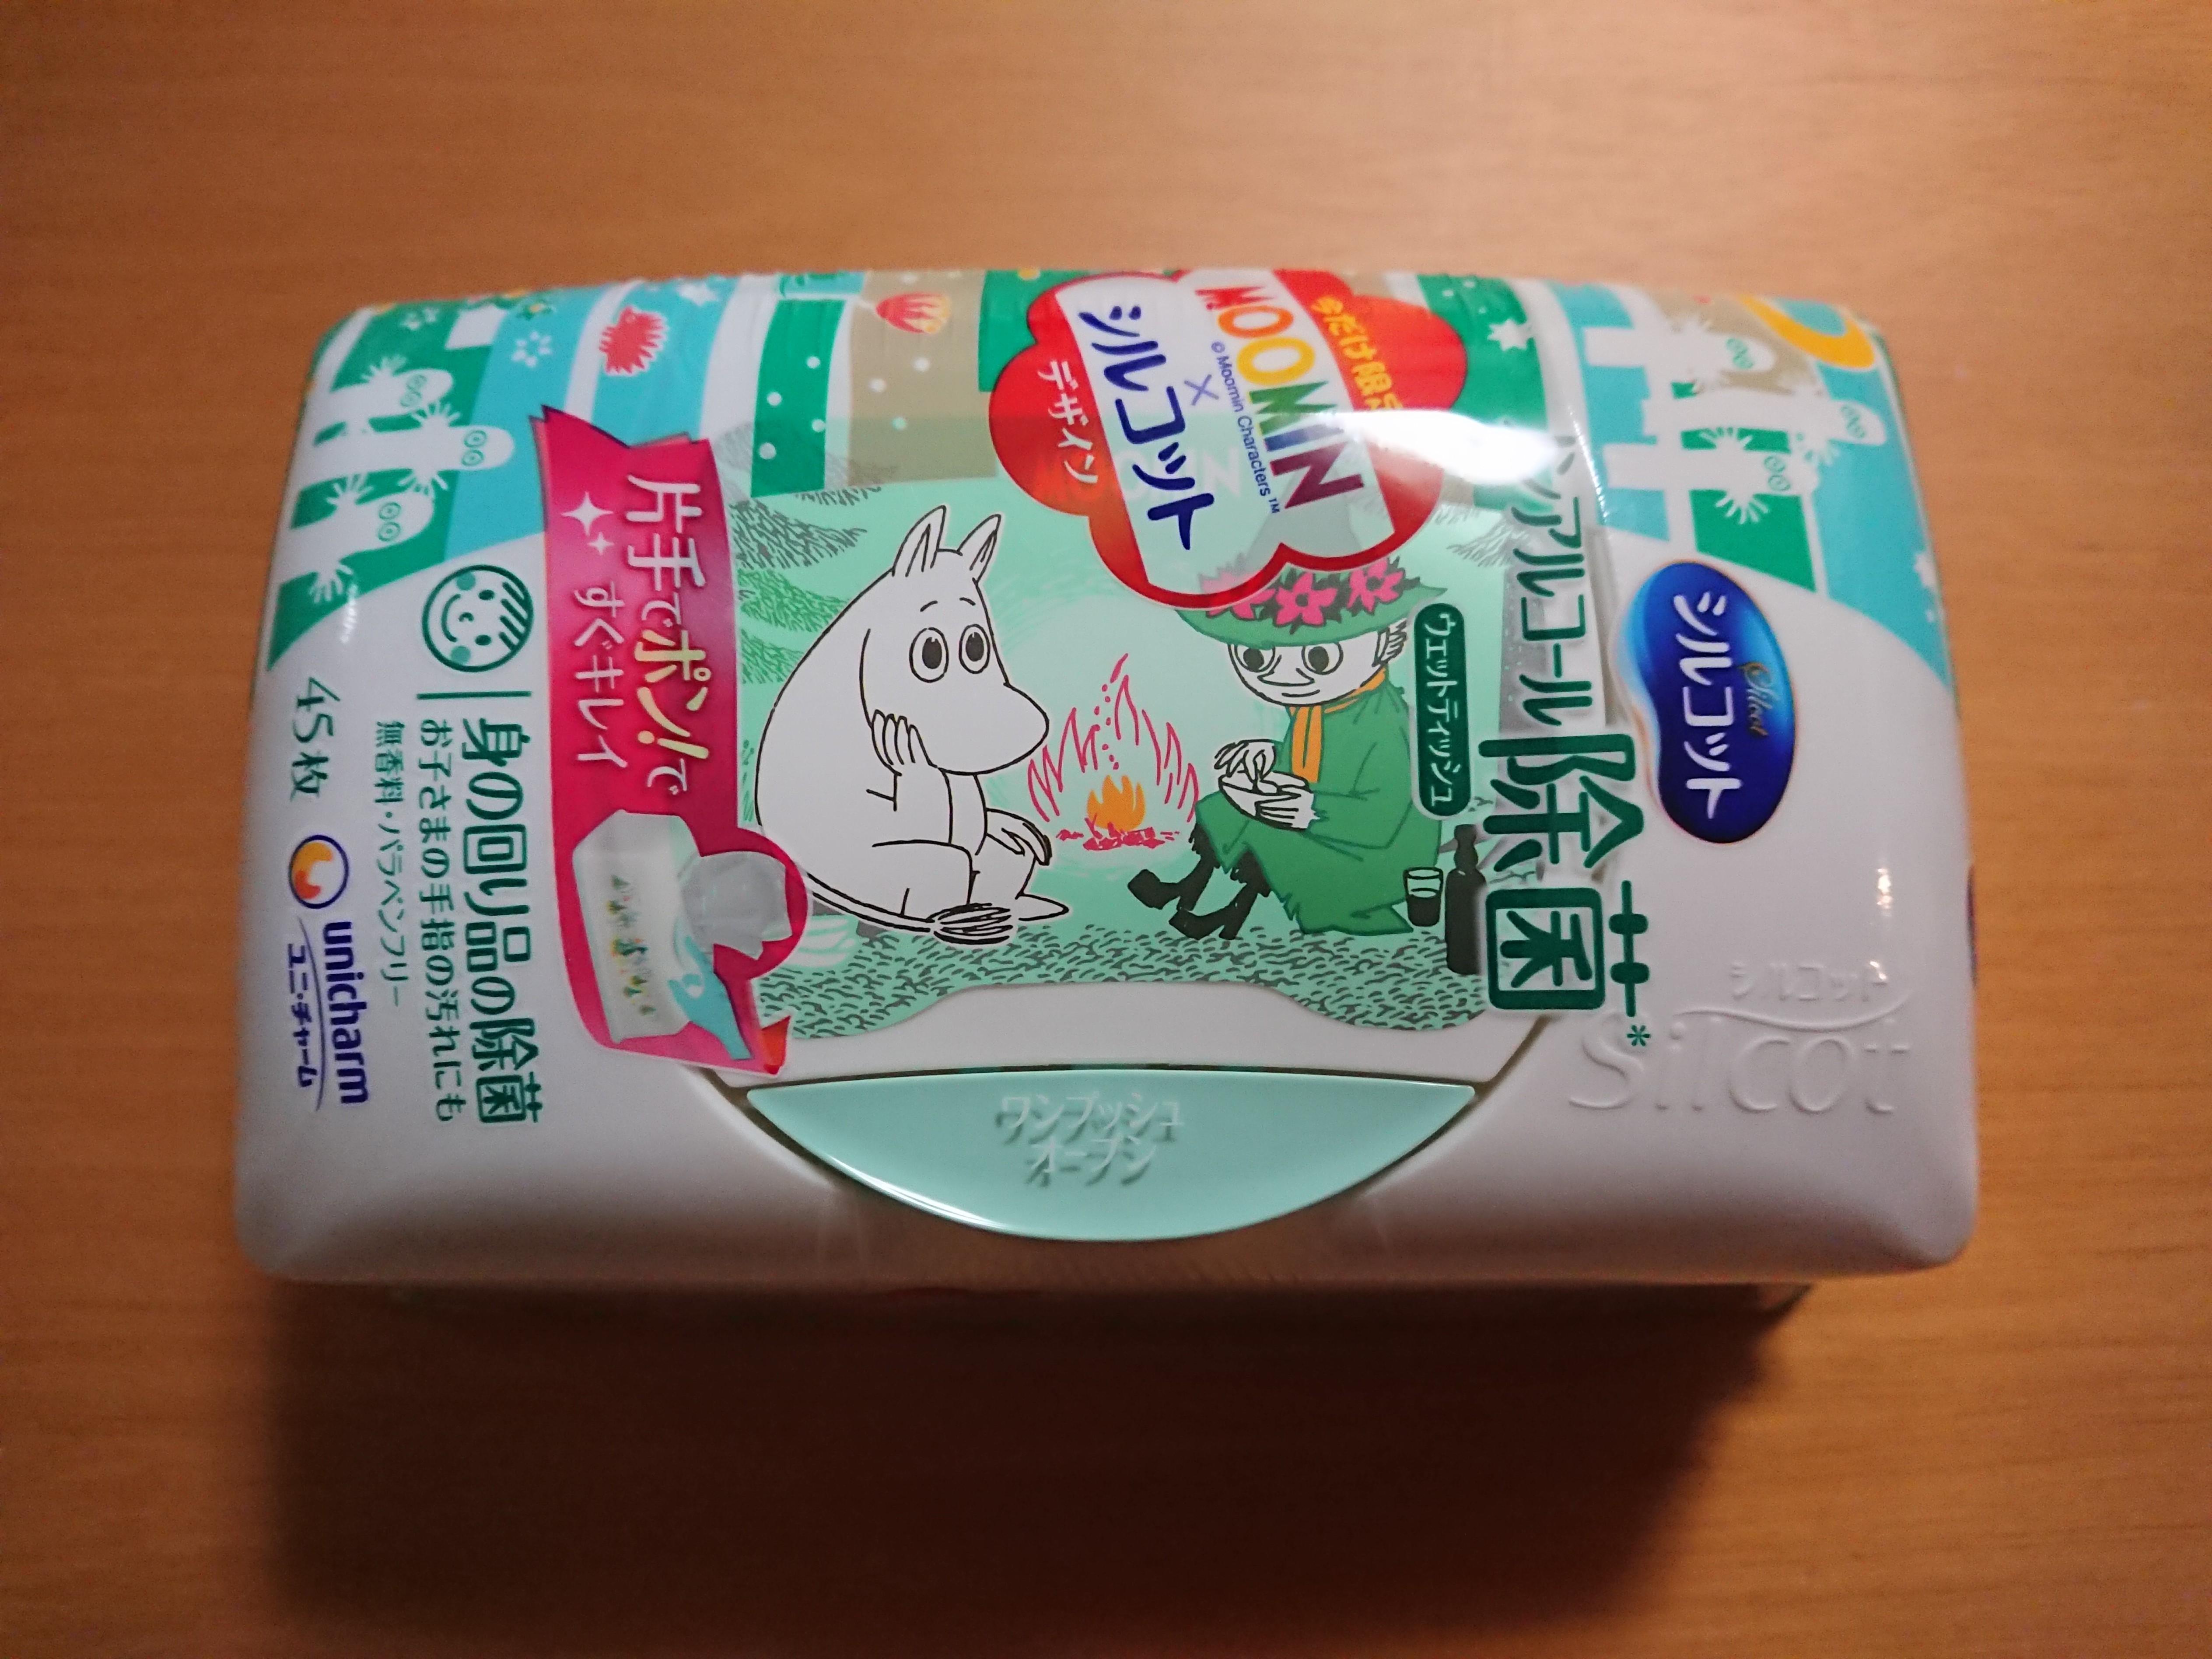 限定デザイン☆ムーミン「シルコット」